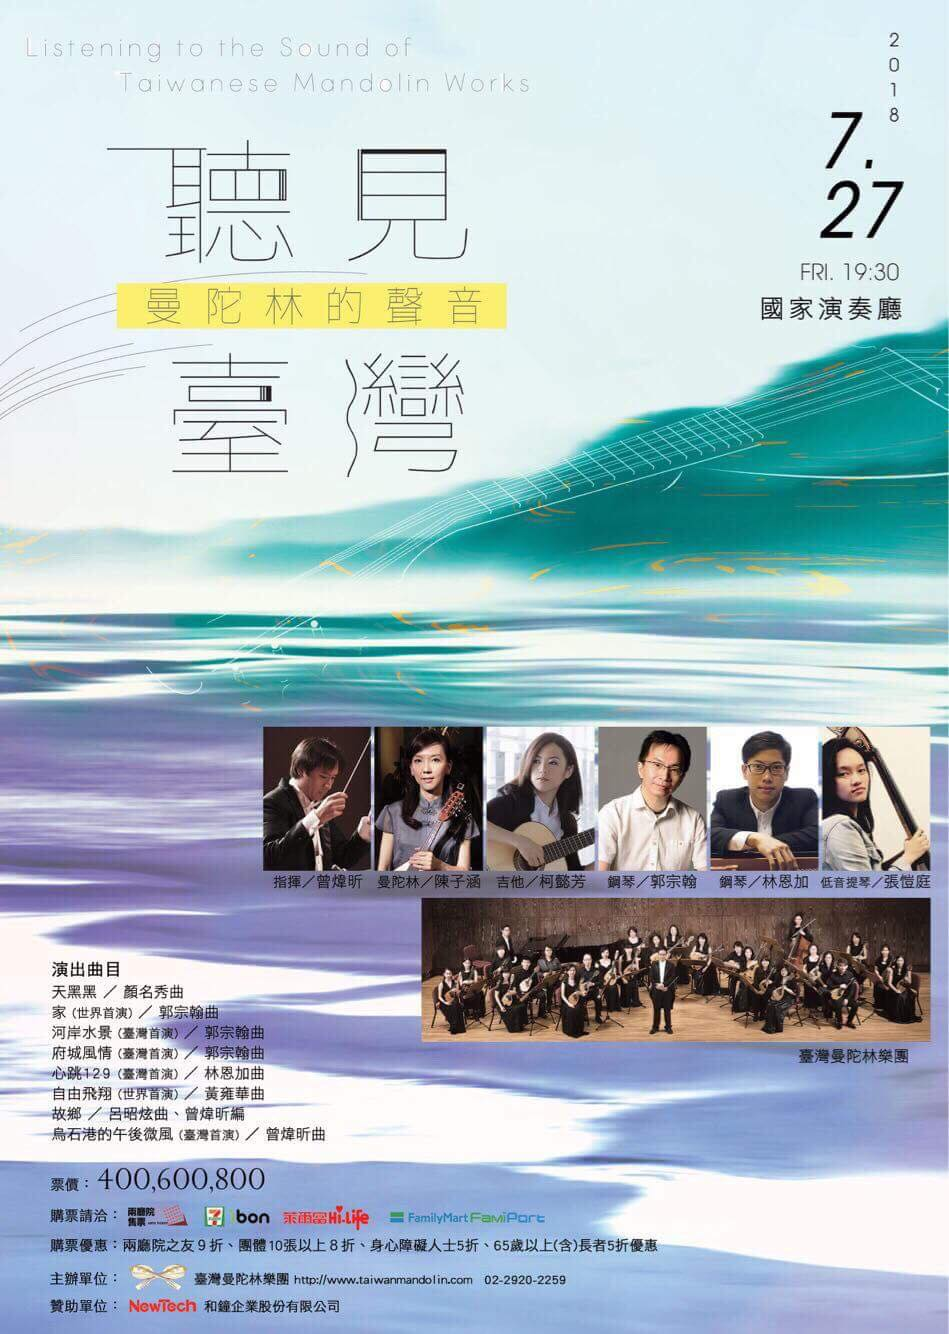 2018_072718_聽見台灣_曼陀林的聲音.jpg